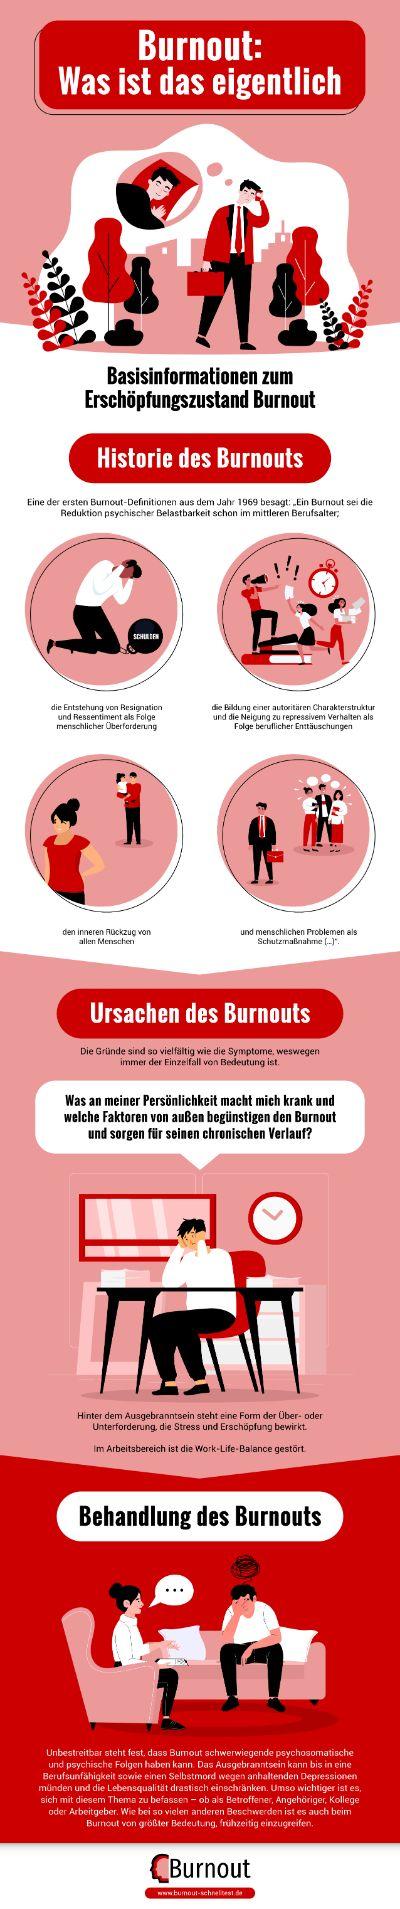 Infografik Burnout Was ist das eigentlich